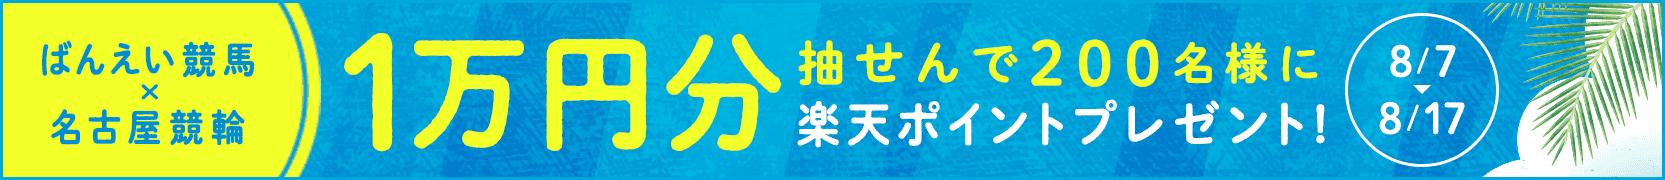 ばんえい競馬×名古屋競輪コラボ企画 真夏の楽天ポイント プレゼントキャンペーン